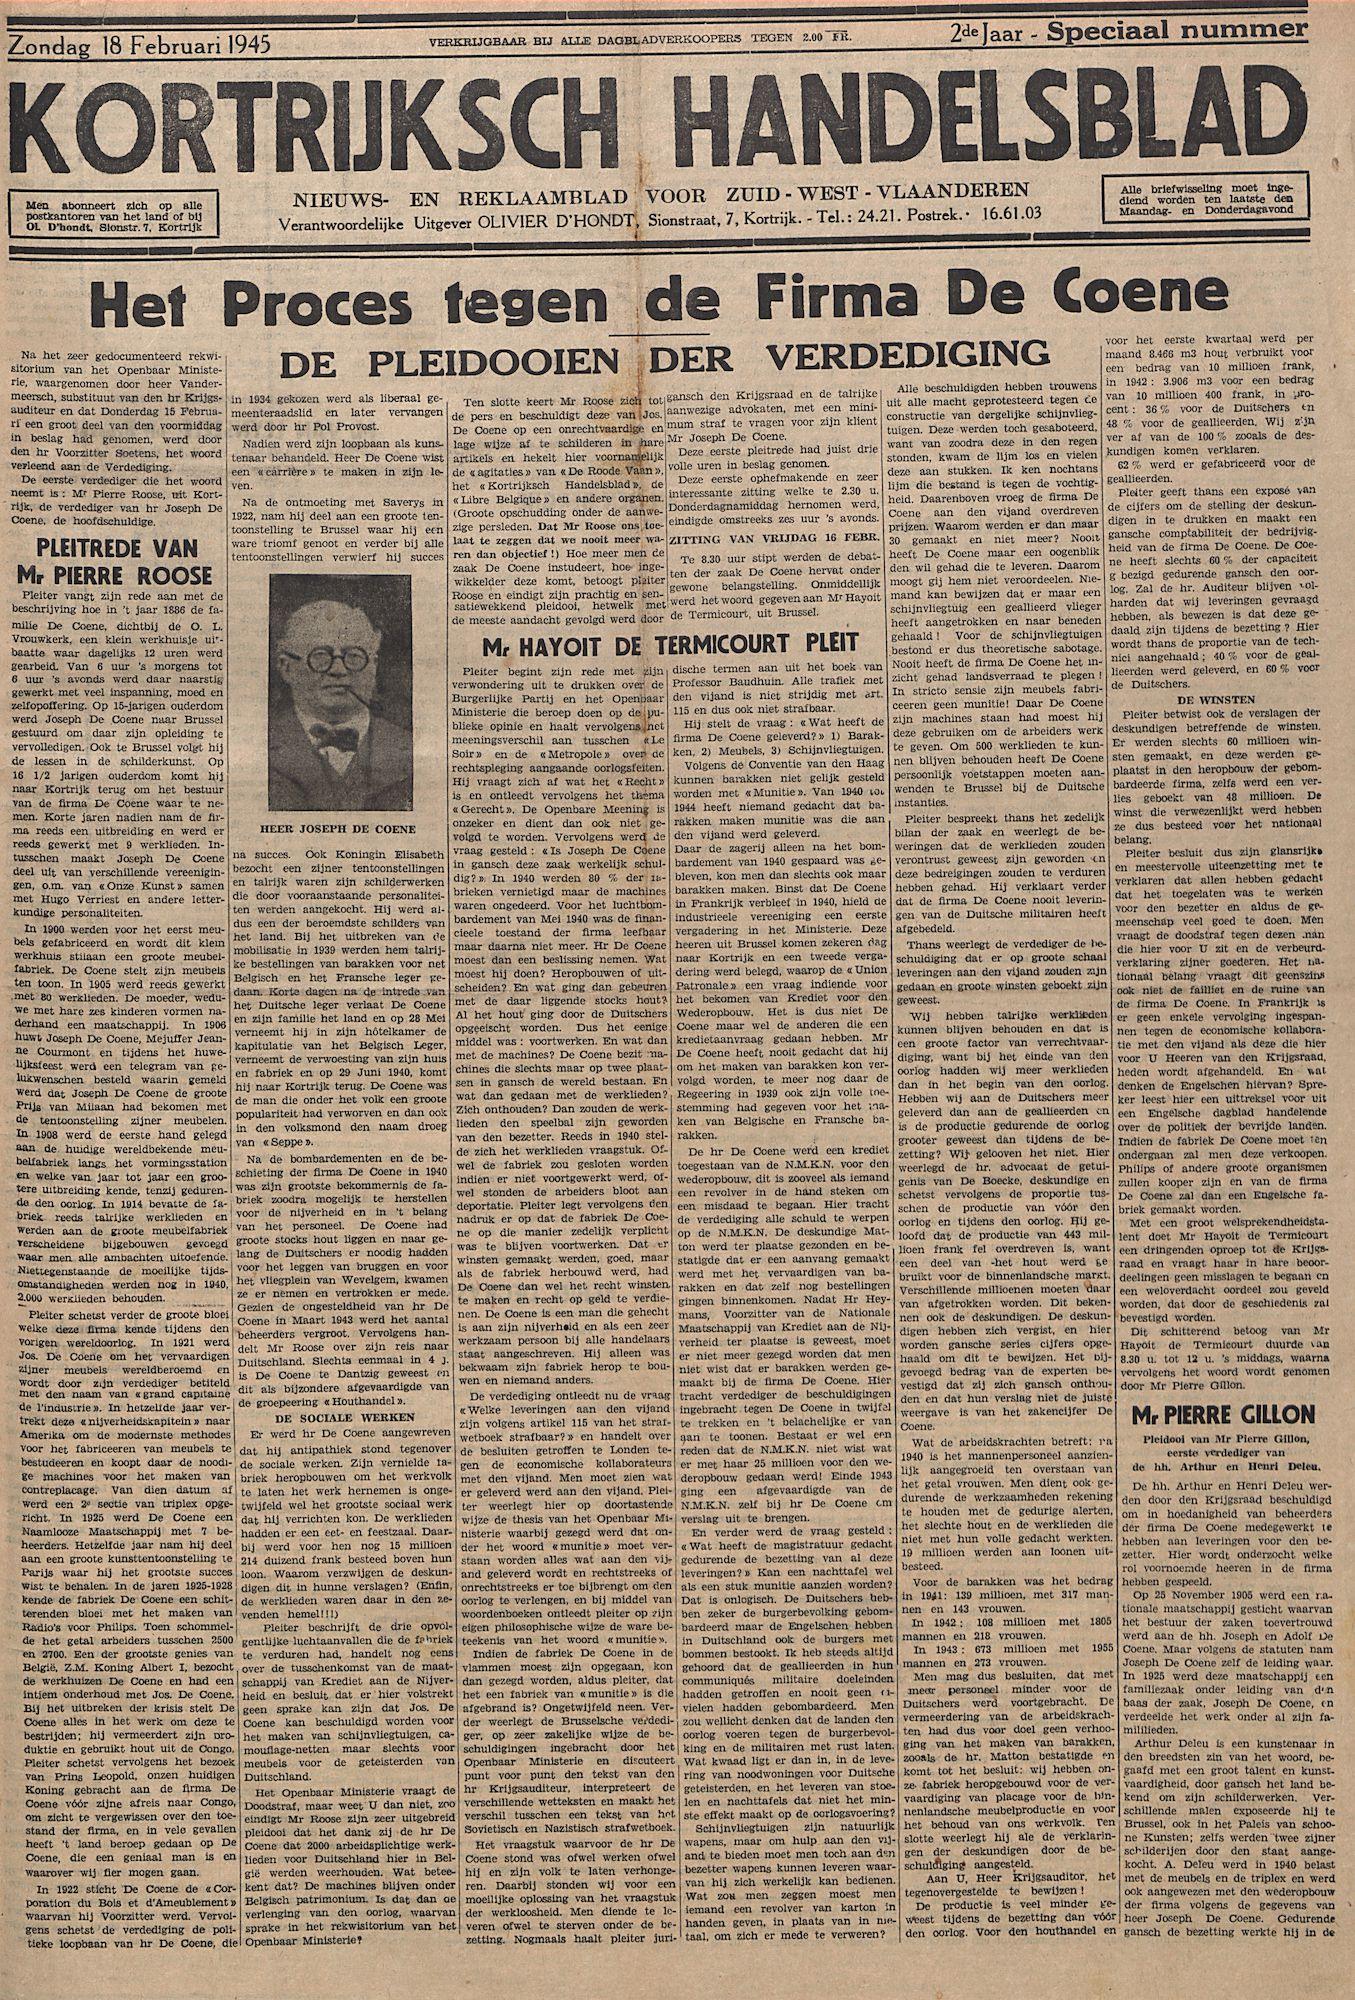 Kortrijksch Handelsblad 18 februari 1945 speciaal nummer p1